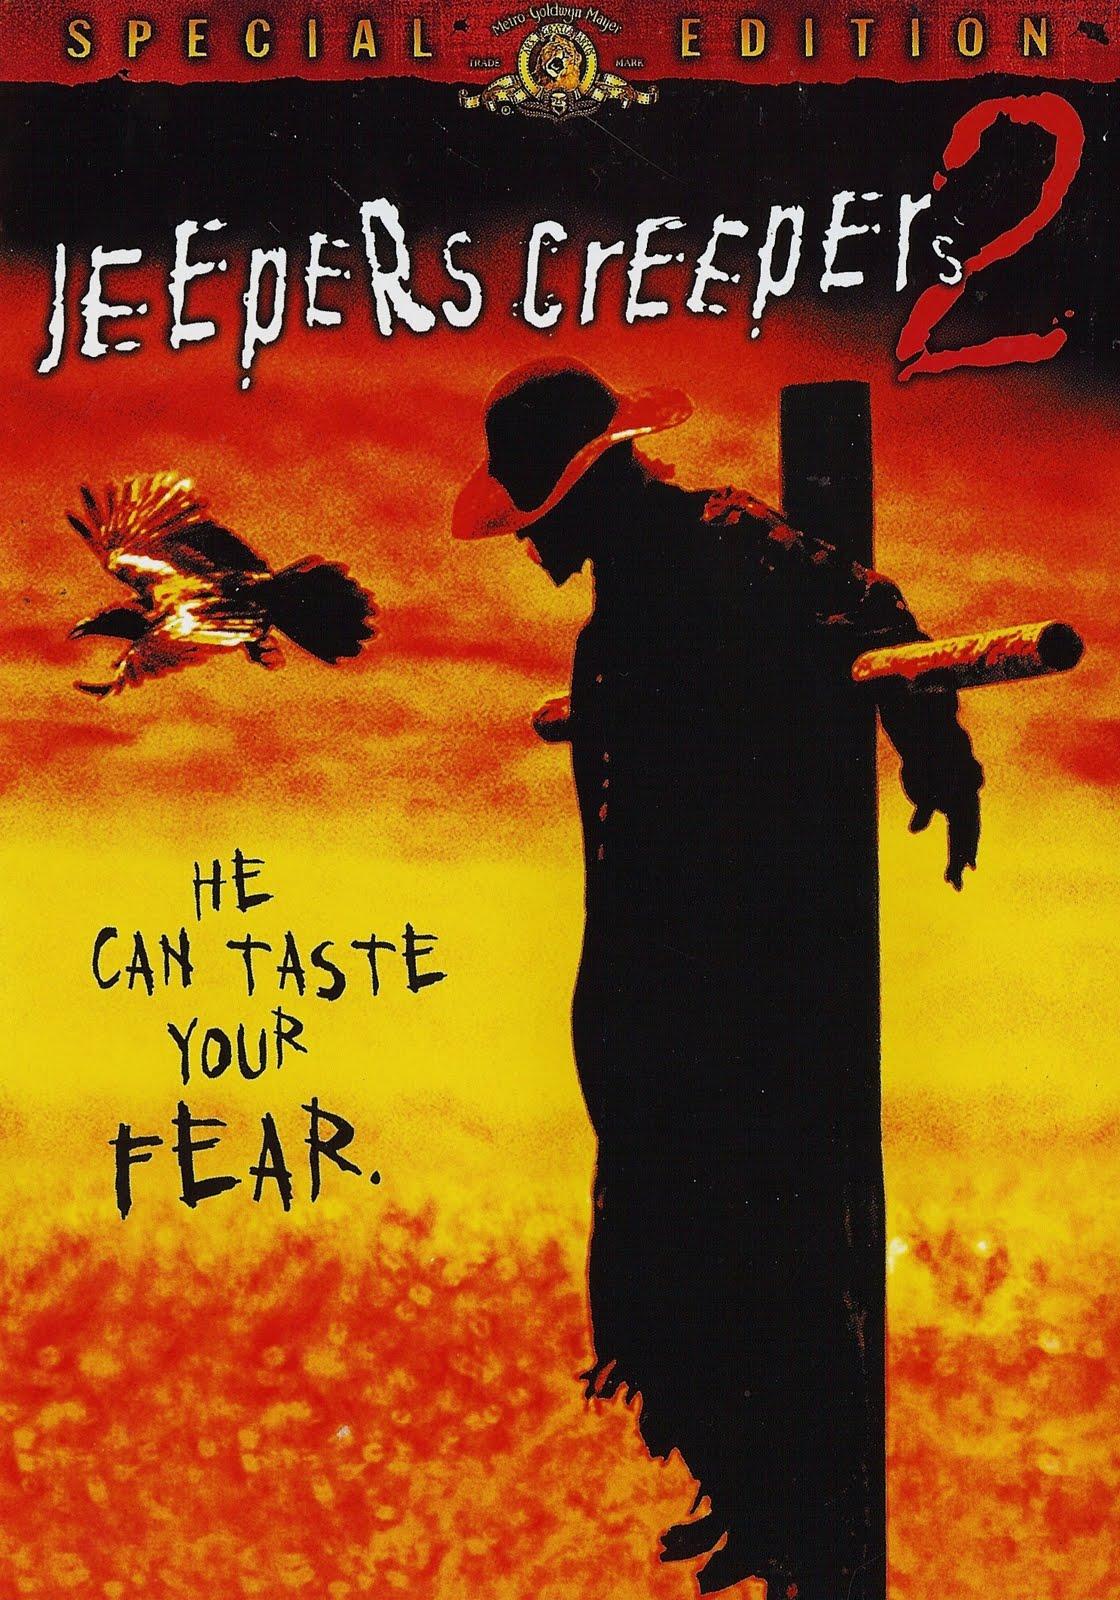 http://2.bp.blogspot.com/-aL-ZdOL42A0/UB2Oxs55hEI/AAAAAAAAAEs/ctcoGlpsT-0/s1600/Jeepers_Creepers_2.jpg